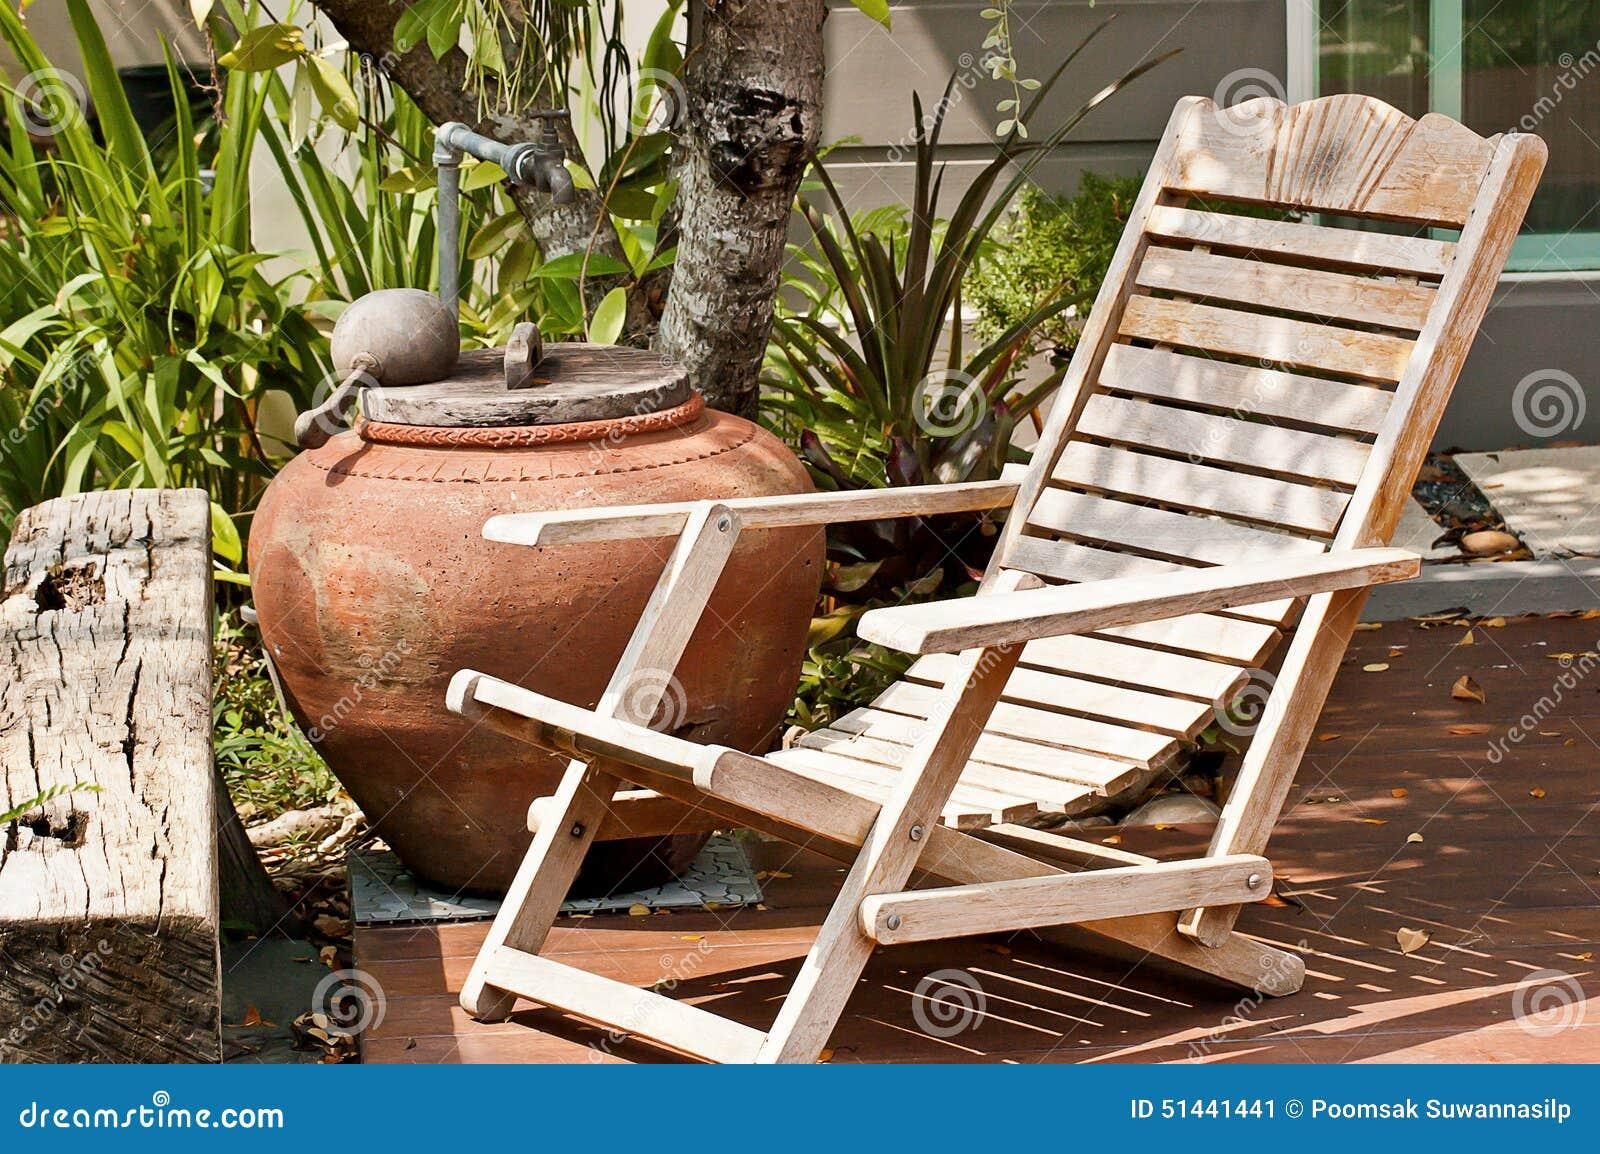 Houten Stoel Tuin : Oude houten stoel in de tuin stock afbeelding afbeelding bestaande